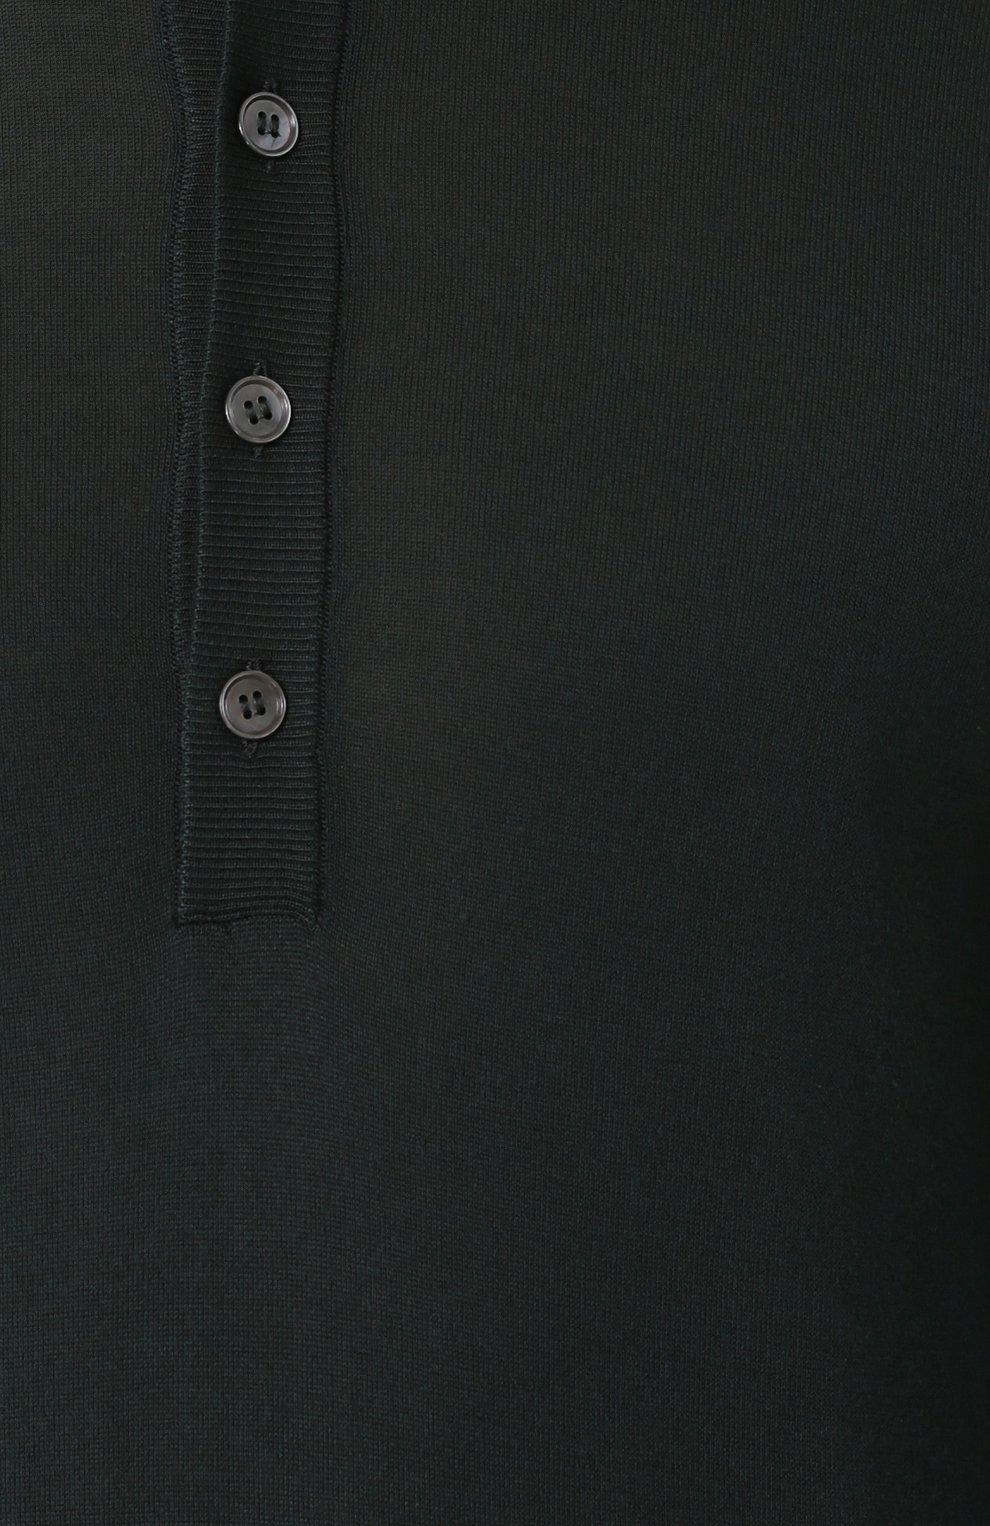 Шелковый джемпер тонкой вязки с воротником на пуговицах | Фото №5